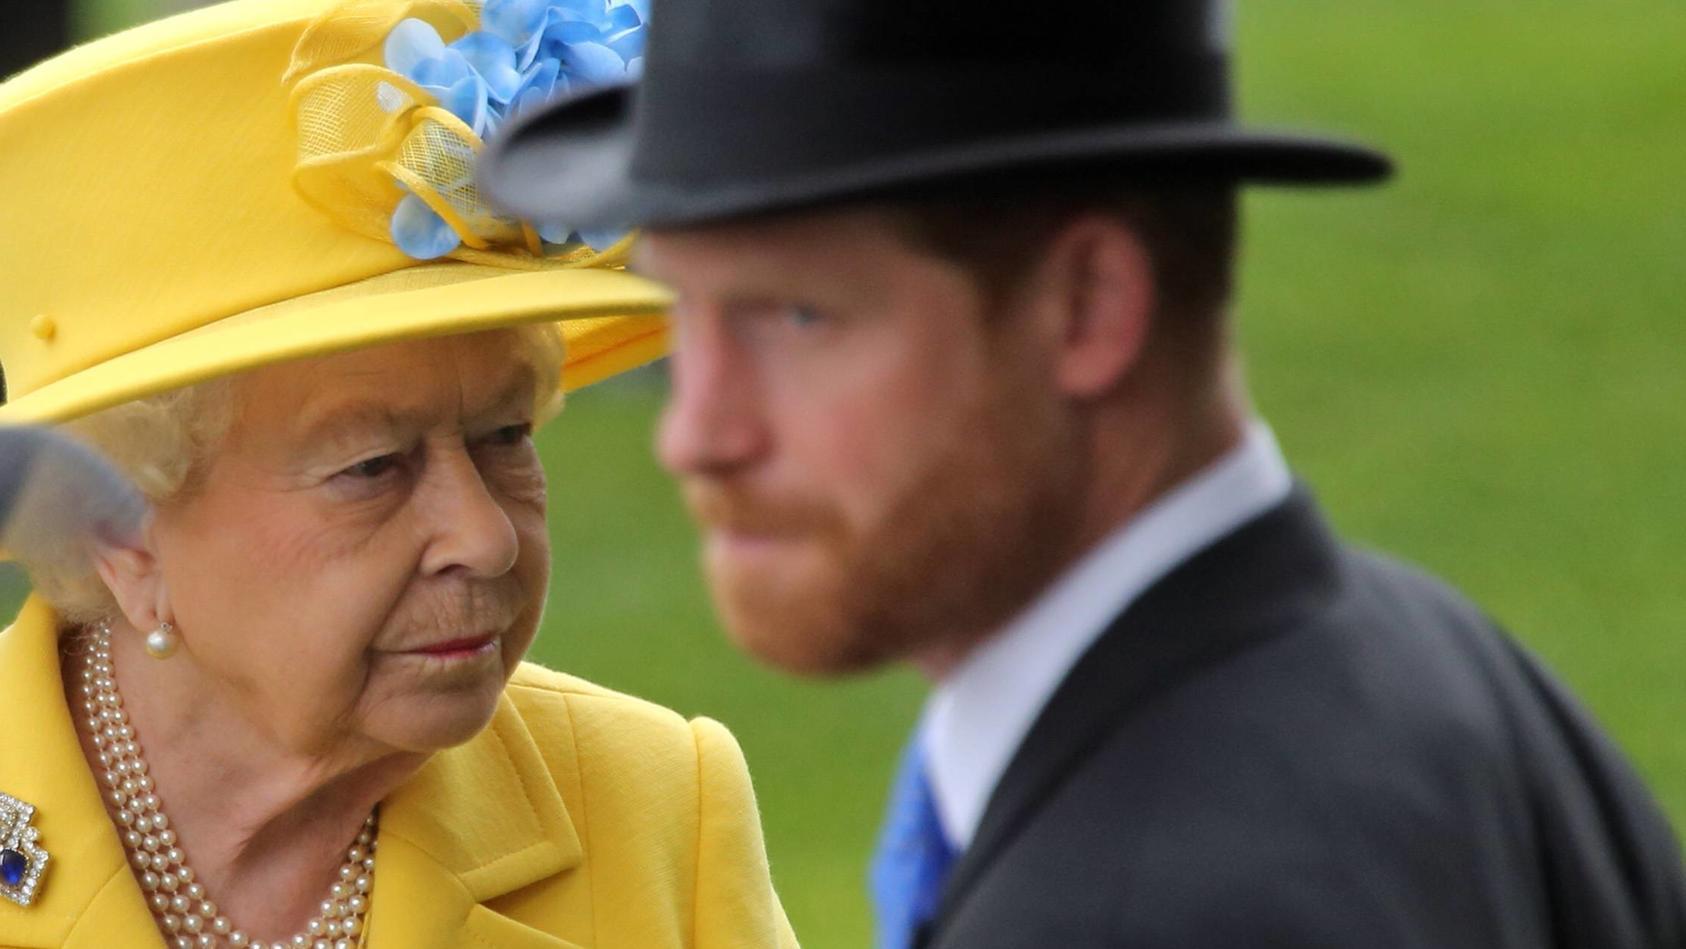 Hat die Queen Prinz Harry wieder von ihrem Feriendomizil ausgeladen?